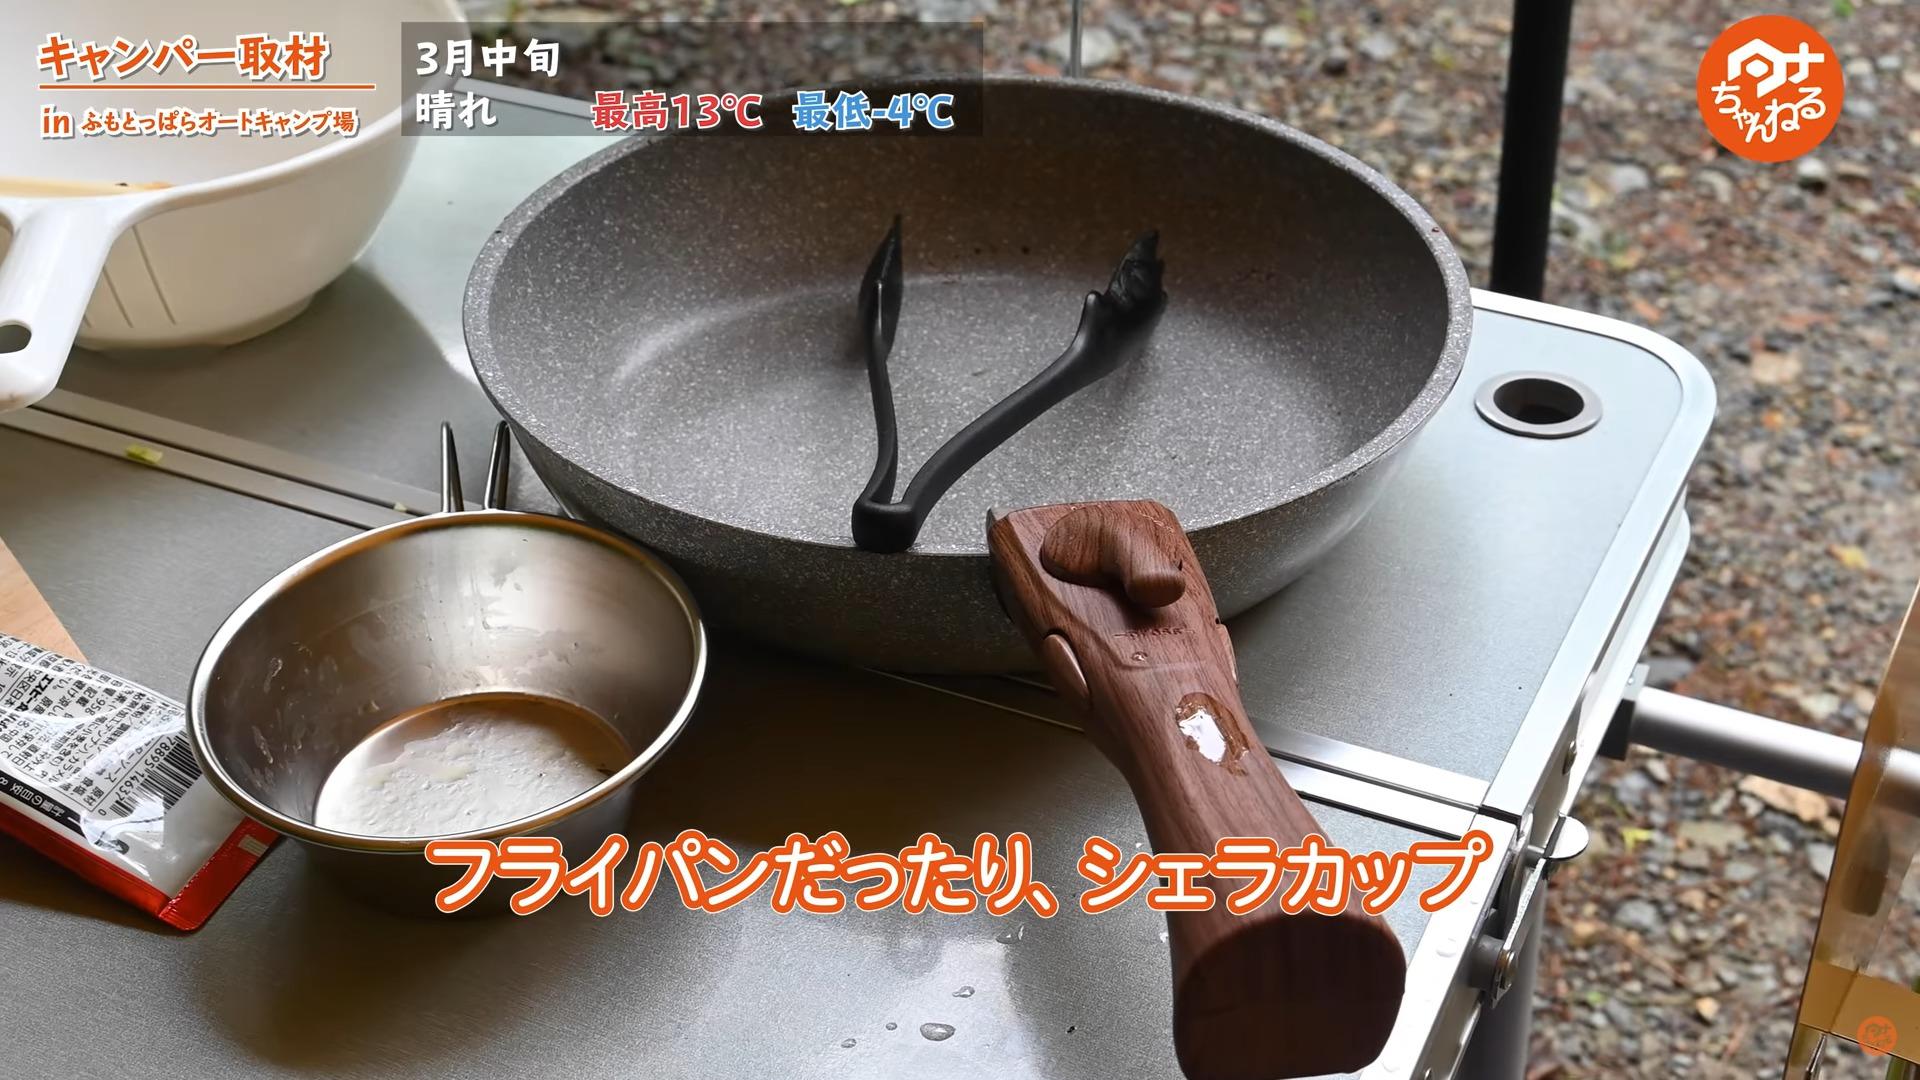 キッチンテーブル /調理器具/ホットサンドメーカー